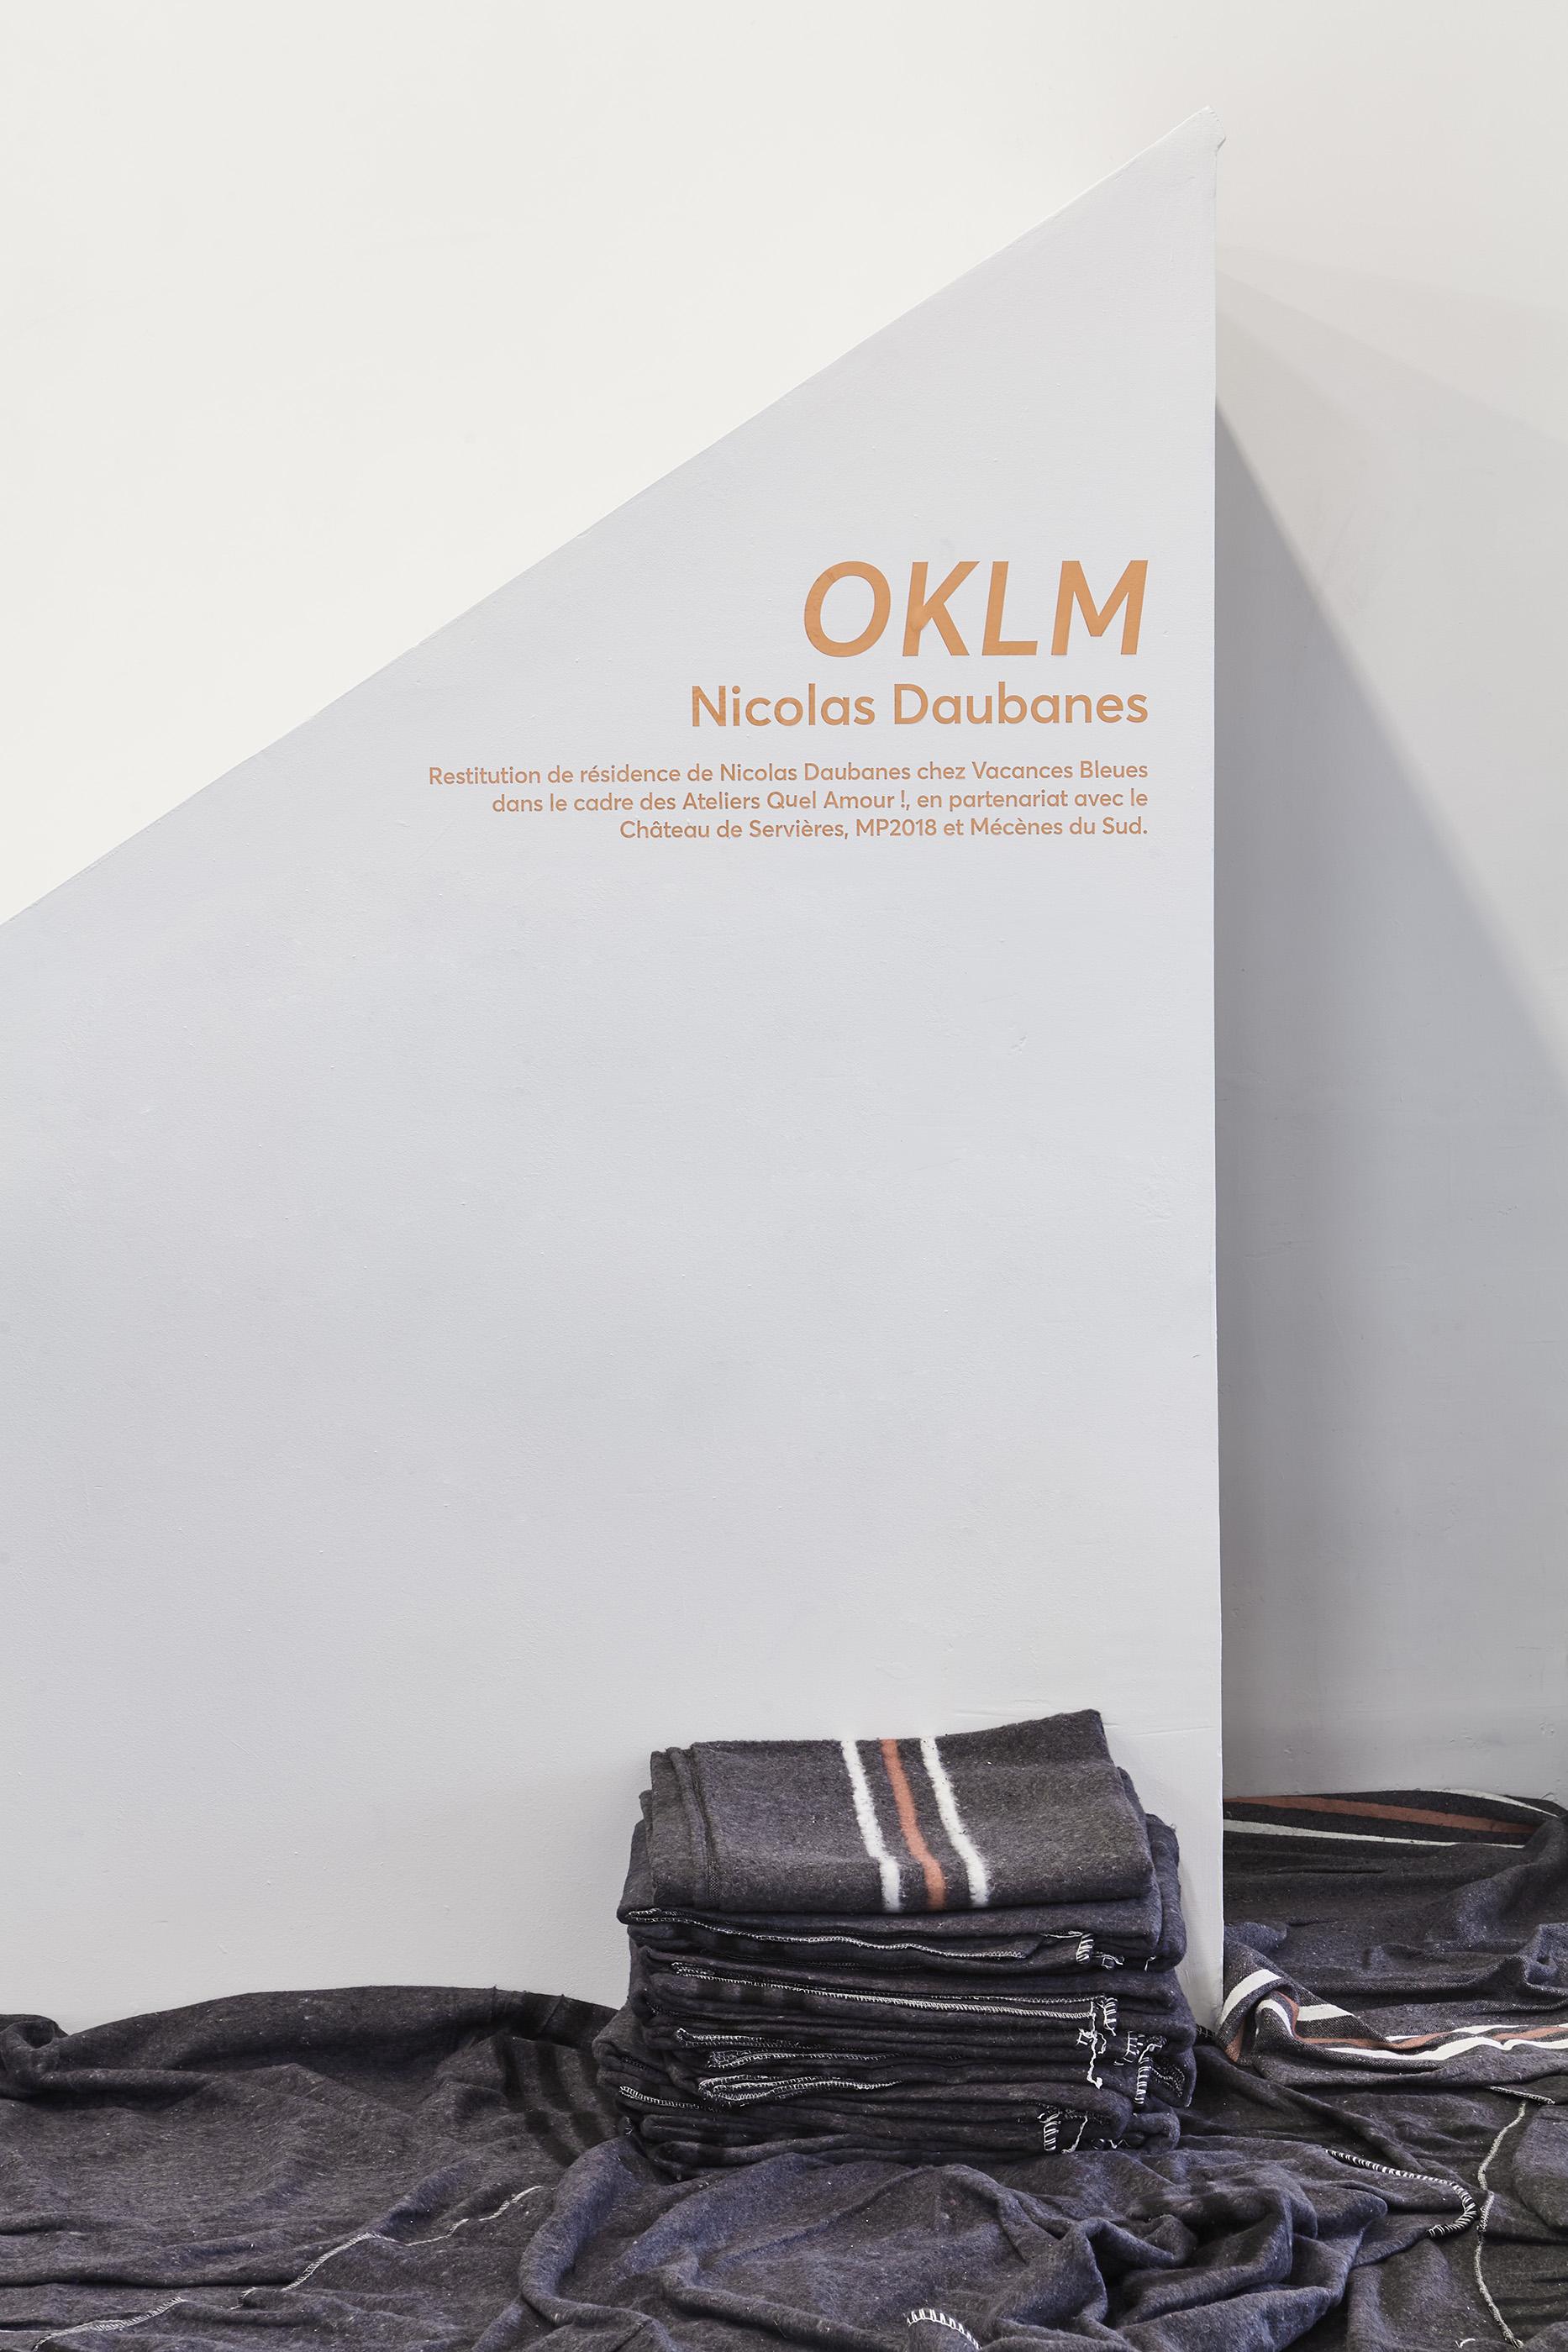 OKLM006©jcLett